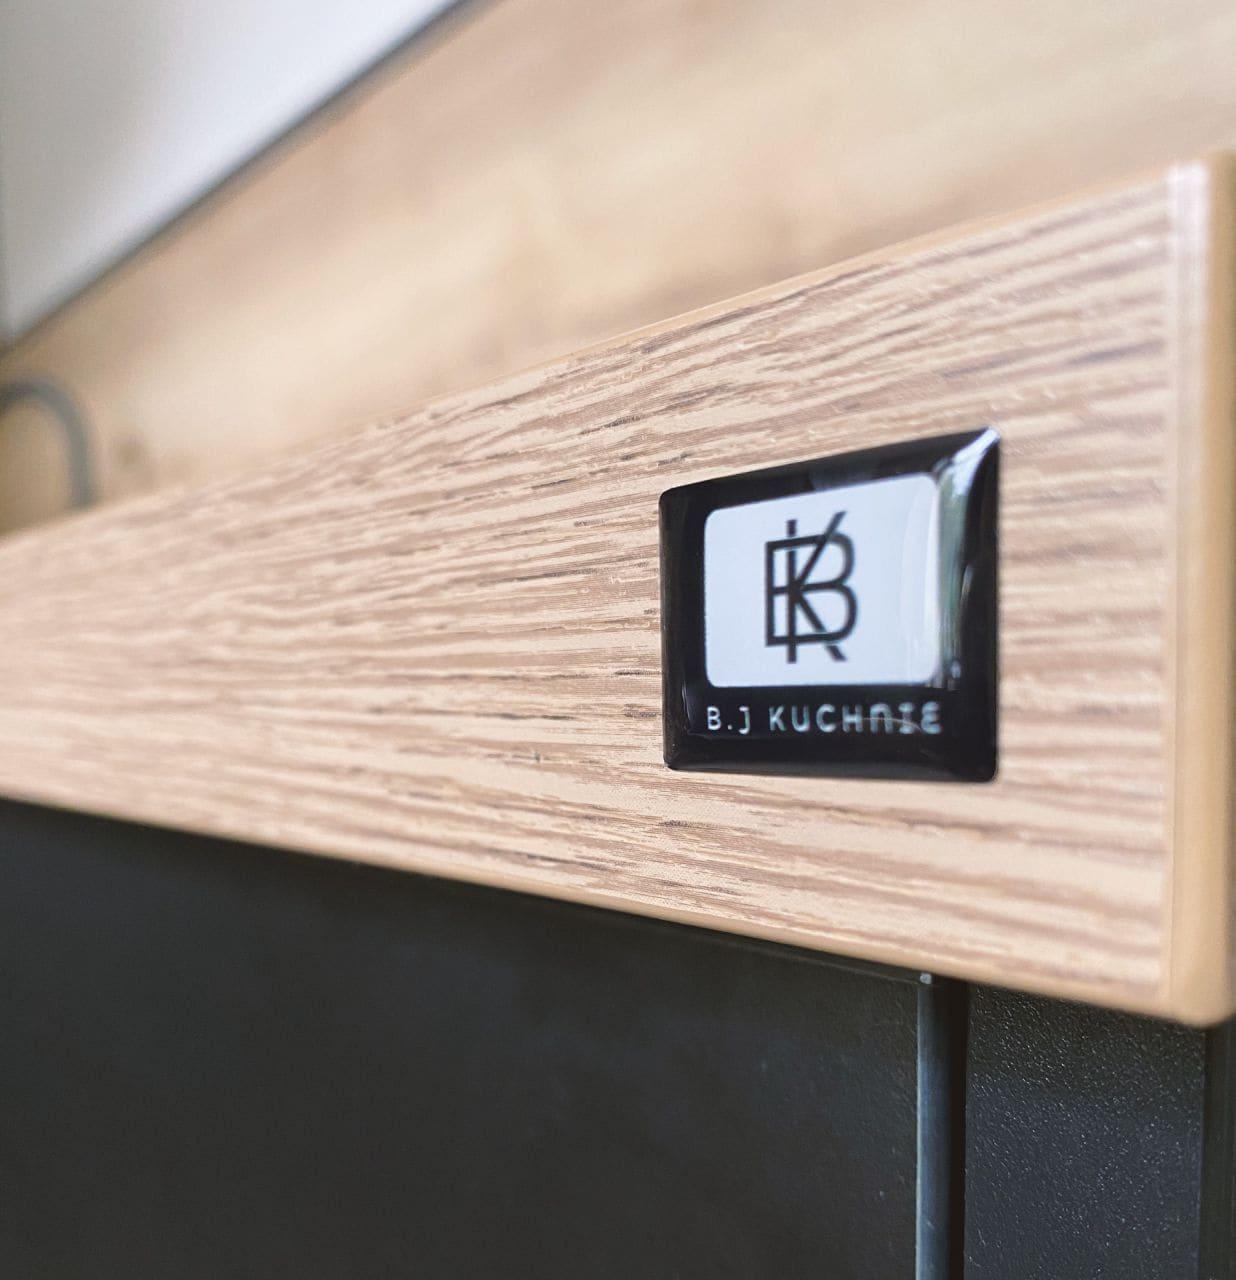 naklejki wypukłe z logo B.J Kuchnie